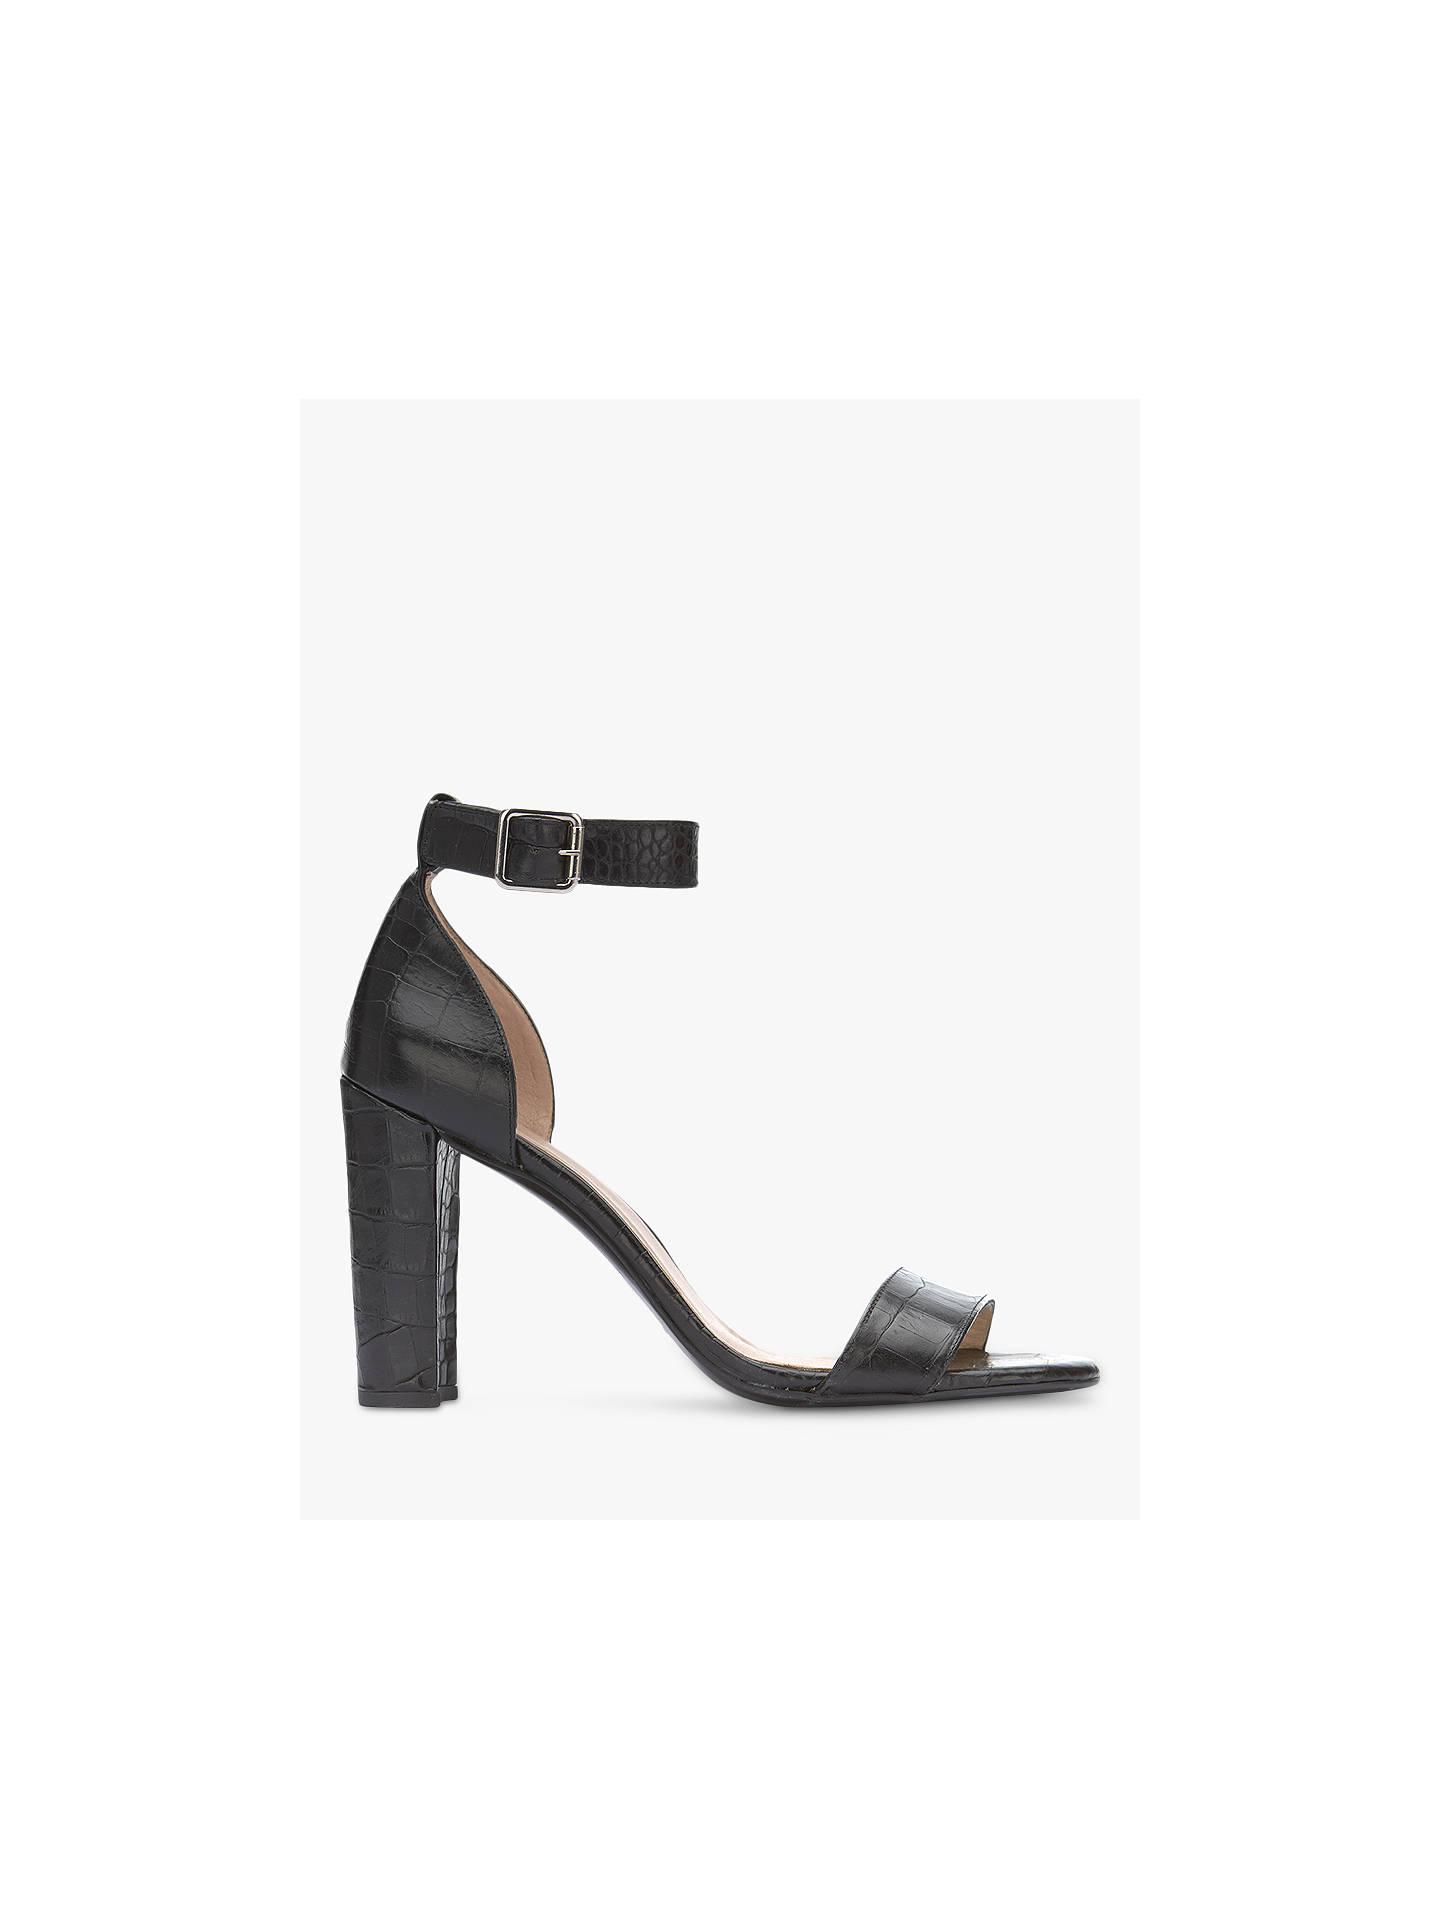 d0097c04d6d Mint Velvet Lucy Leather Block Heel Sandals, Black Croc